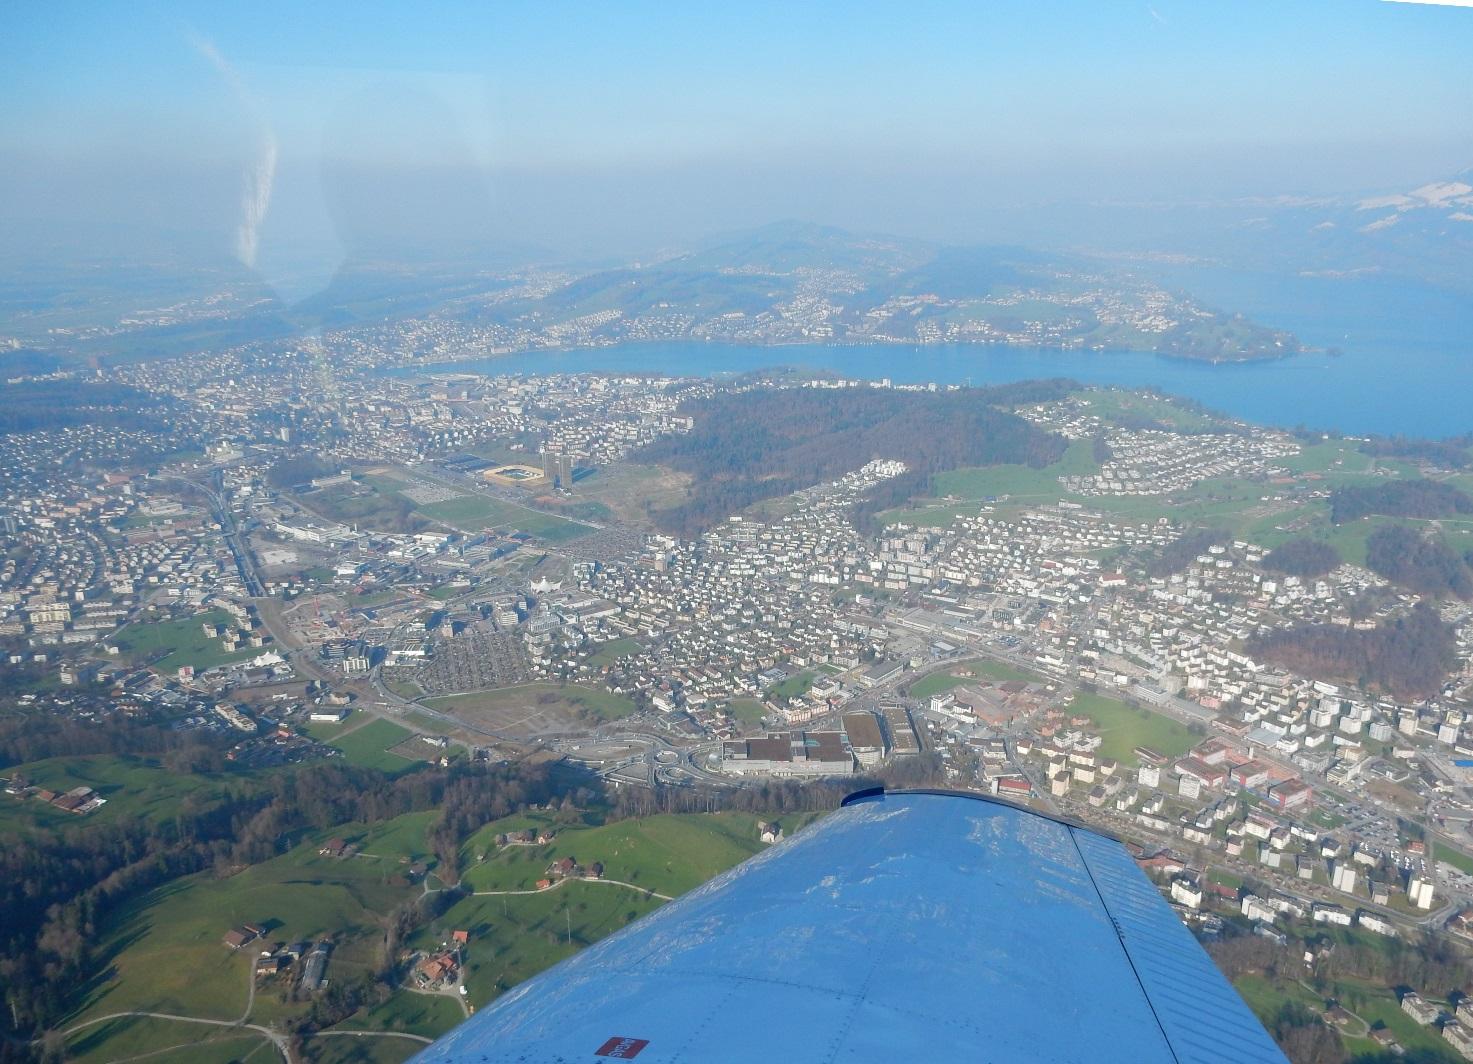 Stadt Luzern und Horw mit dem Luzernersee